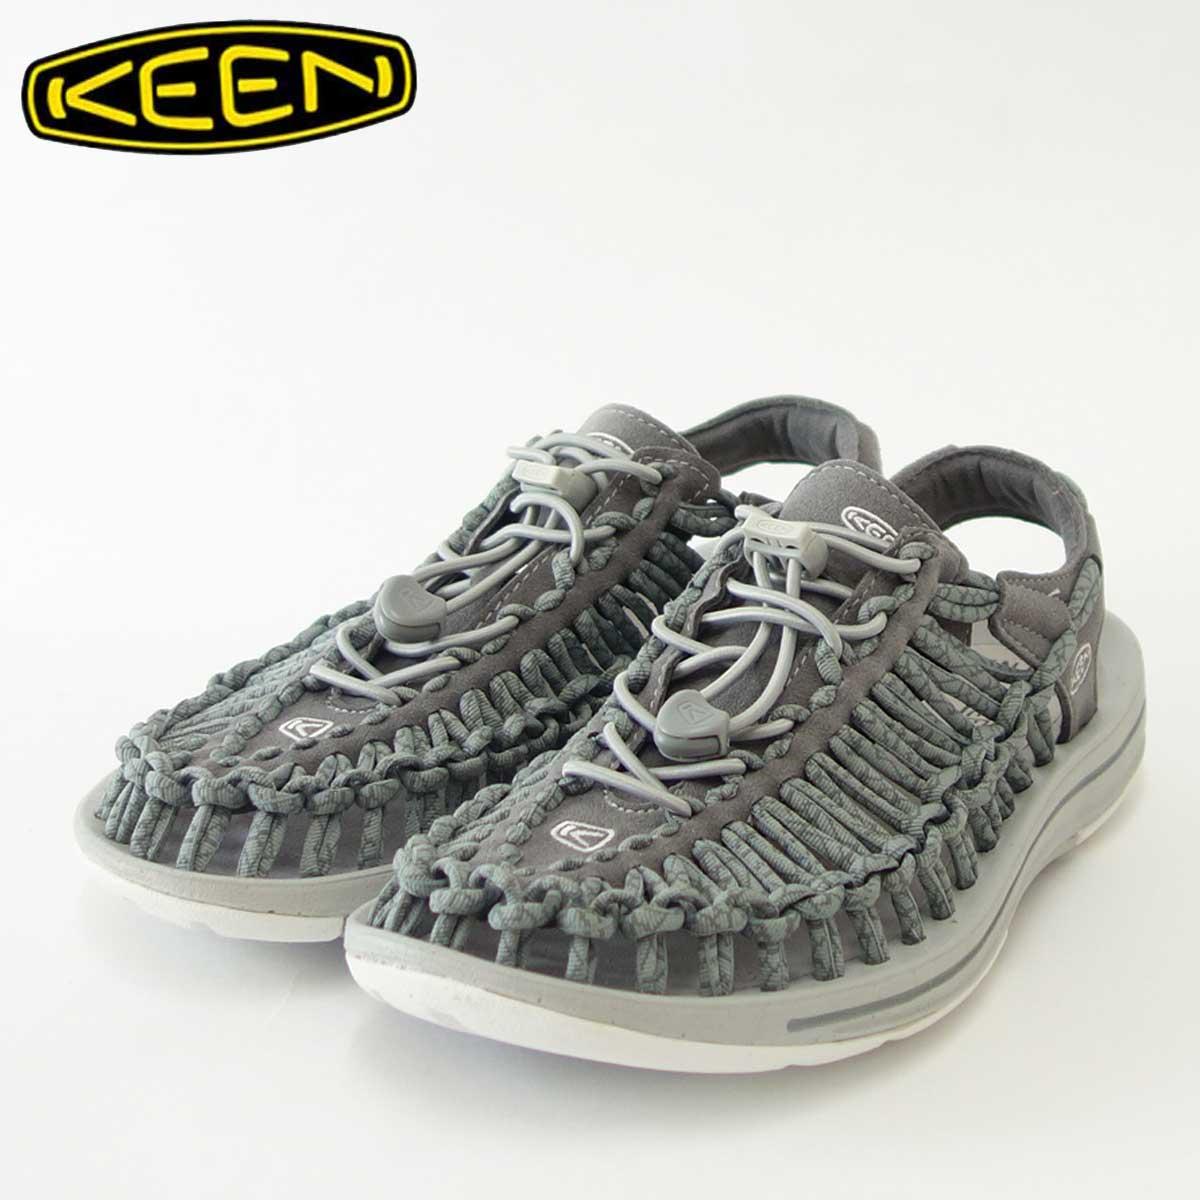 KEEN キーン UNEEK(ユニーク) 1016898(レディース)キーン独自のハイブリッドサンダル カラー:Neutral Gray/Gargoyle 「靴」